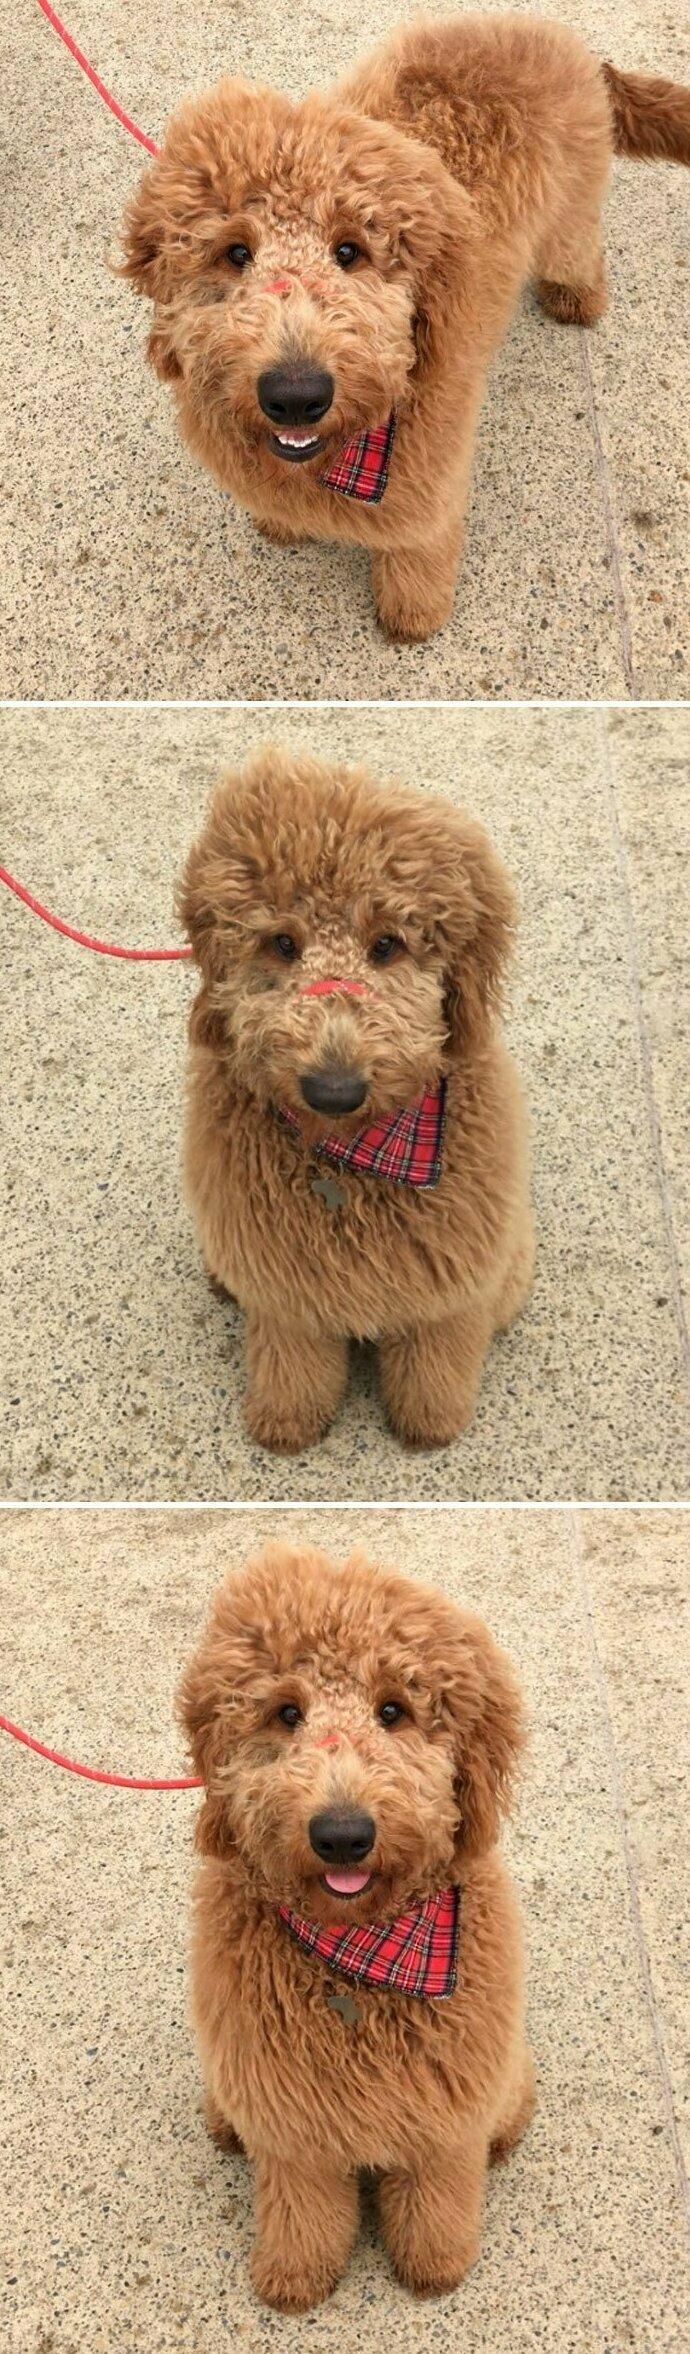 """""""Я увидела эту собаку на улице и попросила у ее хозяина разрешения сделать снимок. Пес увидел мой телефон, сел и улыбнулся"""""""